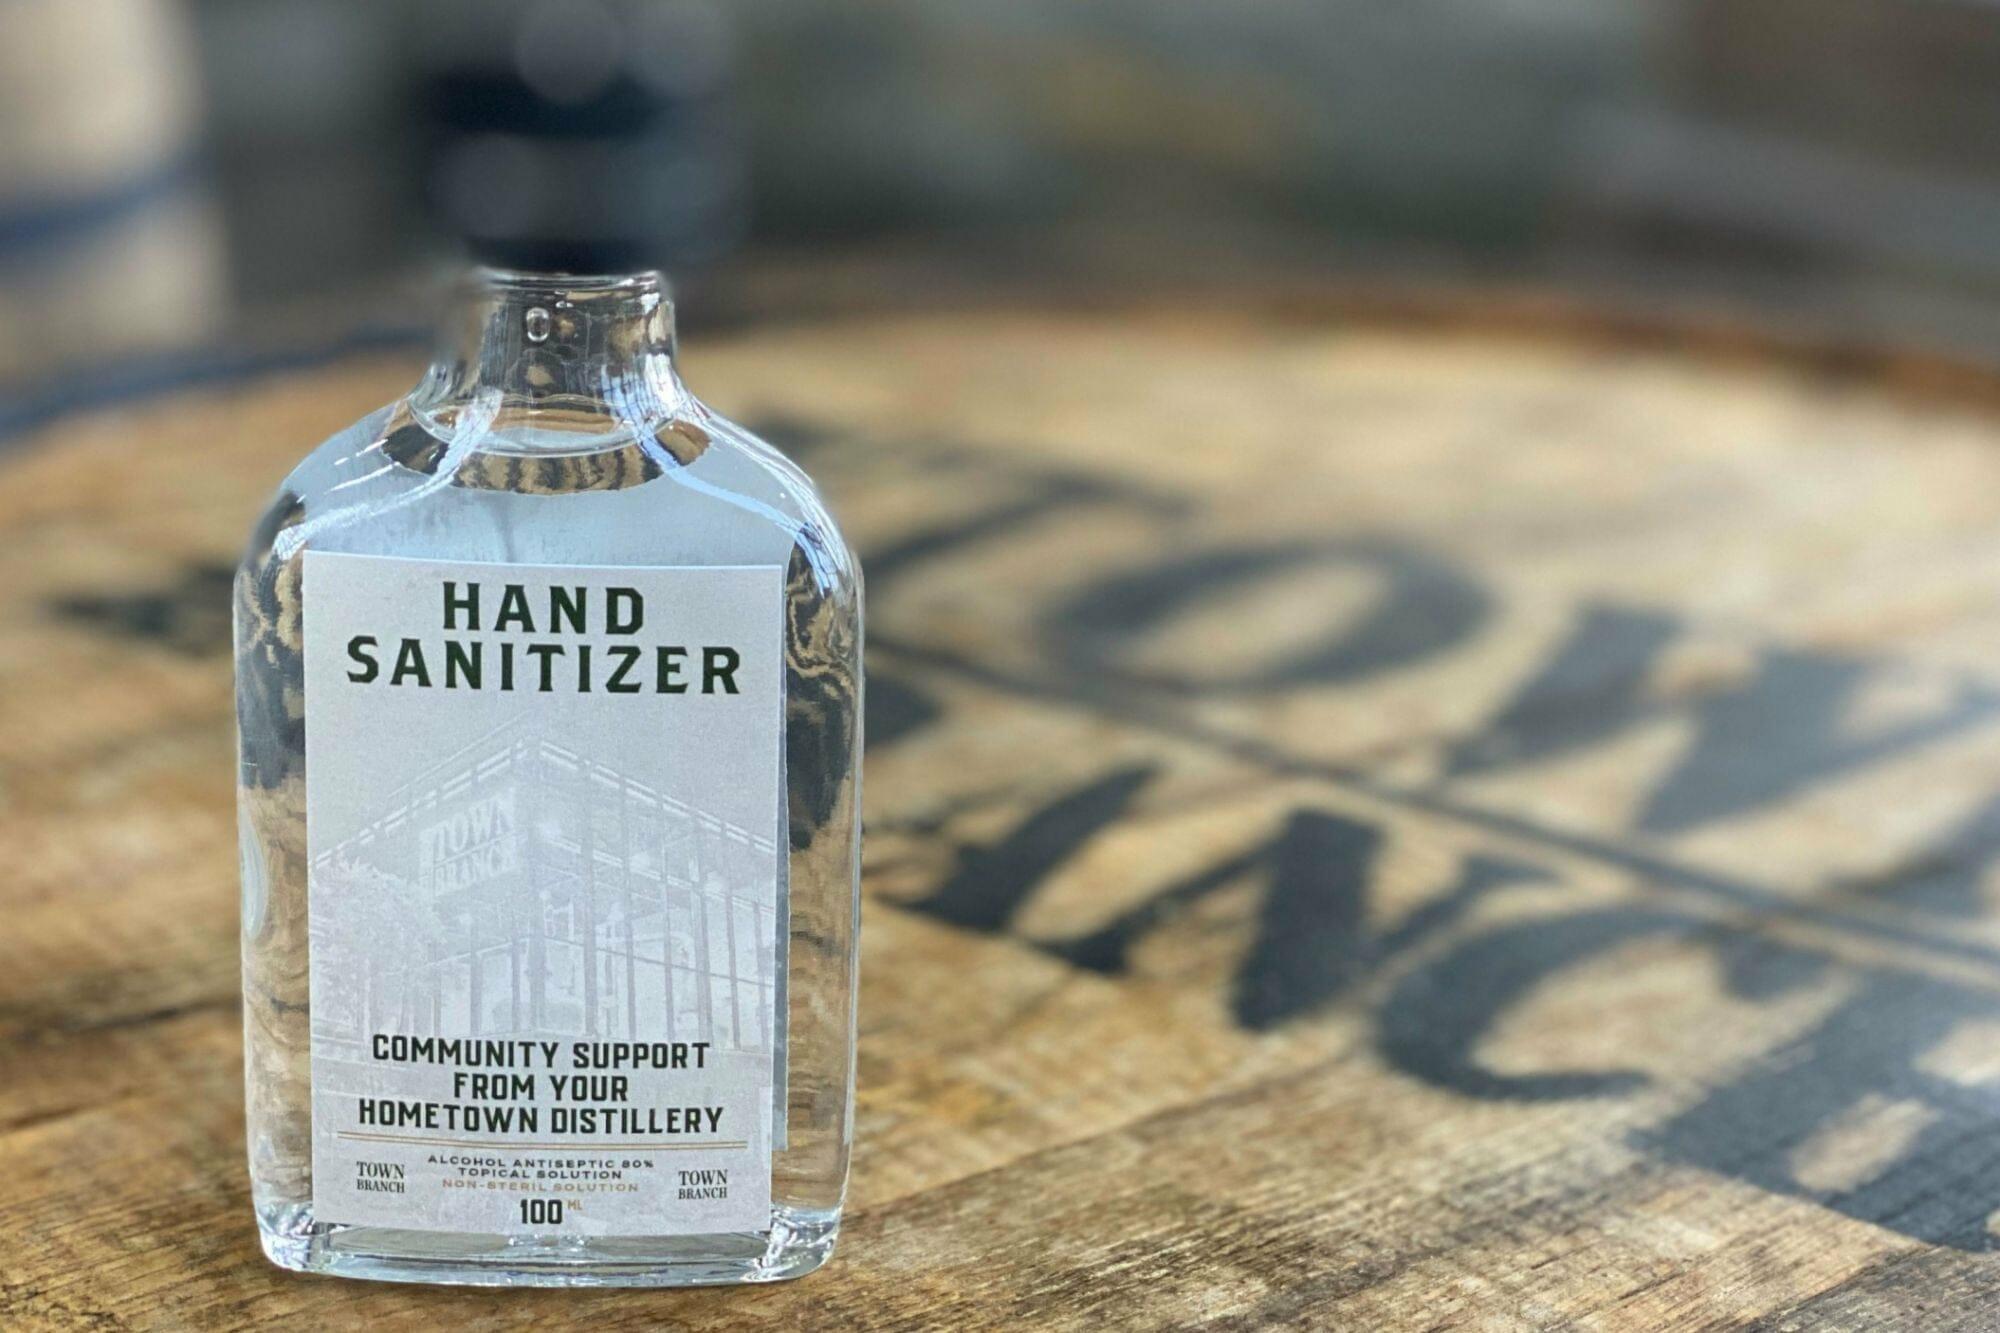 صابون، مایع دستشویی یا ژل ضدعفونی کننده؟ کدام یک بهتر است؟